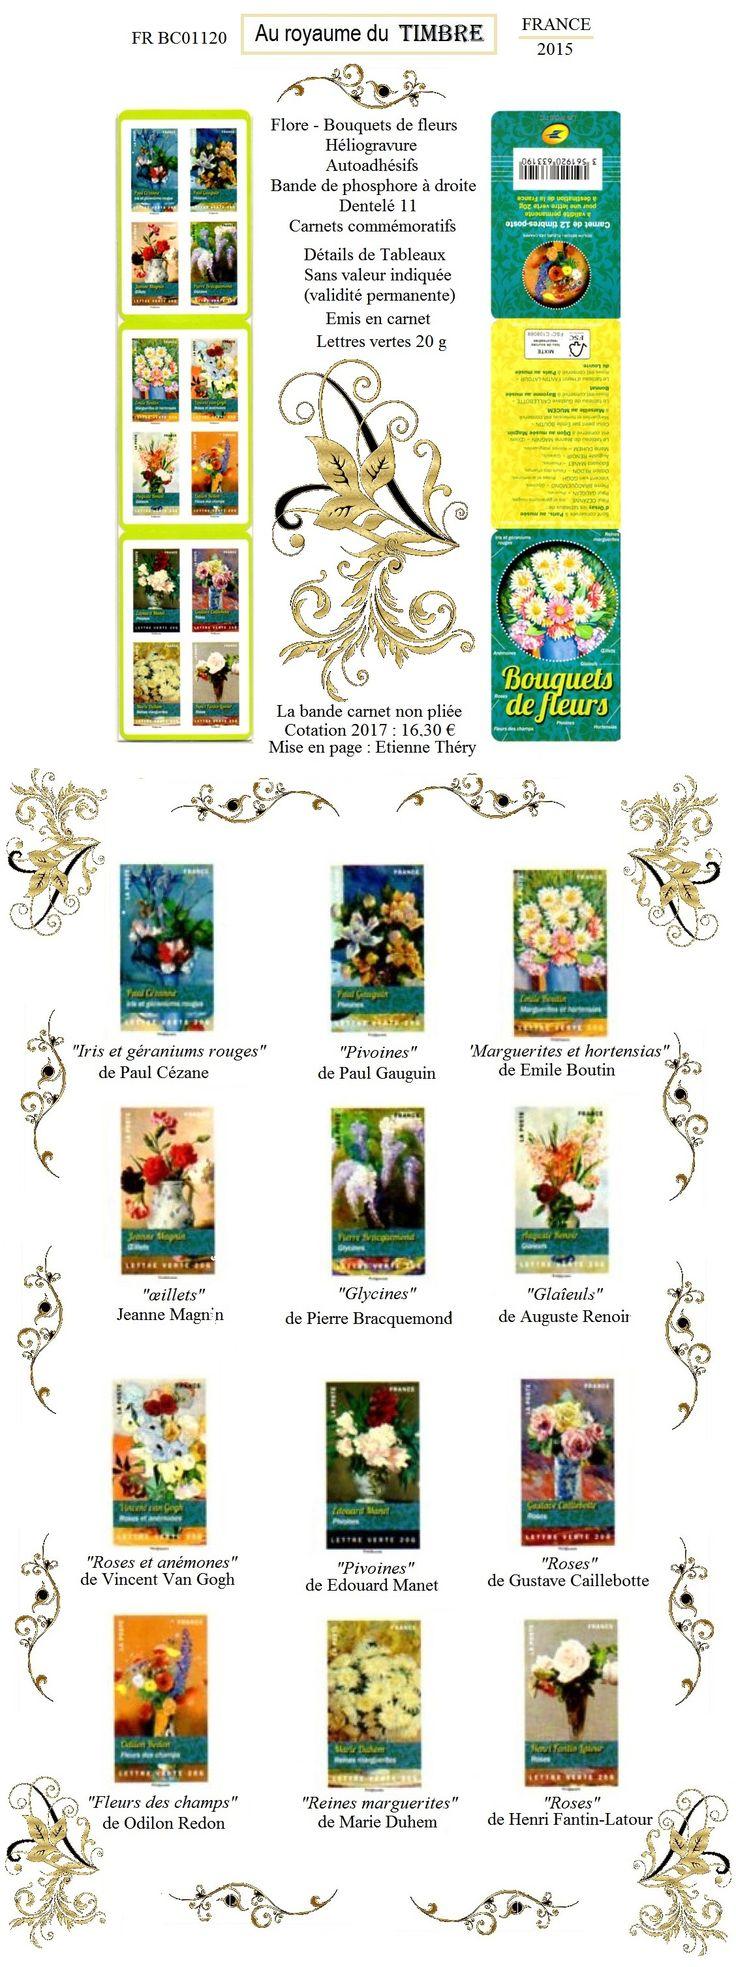 Bouquets de fleurs peints par des Maîtres repris sur ce carnet de timbres émis par la France en 2015 ❄ FR BC01120 ❄ #ArtNumérique #AuRoyaumeDuTimbre #Timbres #Photocomposition  #AlbumNumérique #DocumentPhilatélique #TimbresFrance2015 #fleurs #ArtetCollections #Illustrations